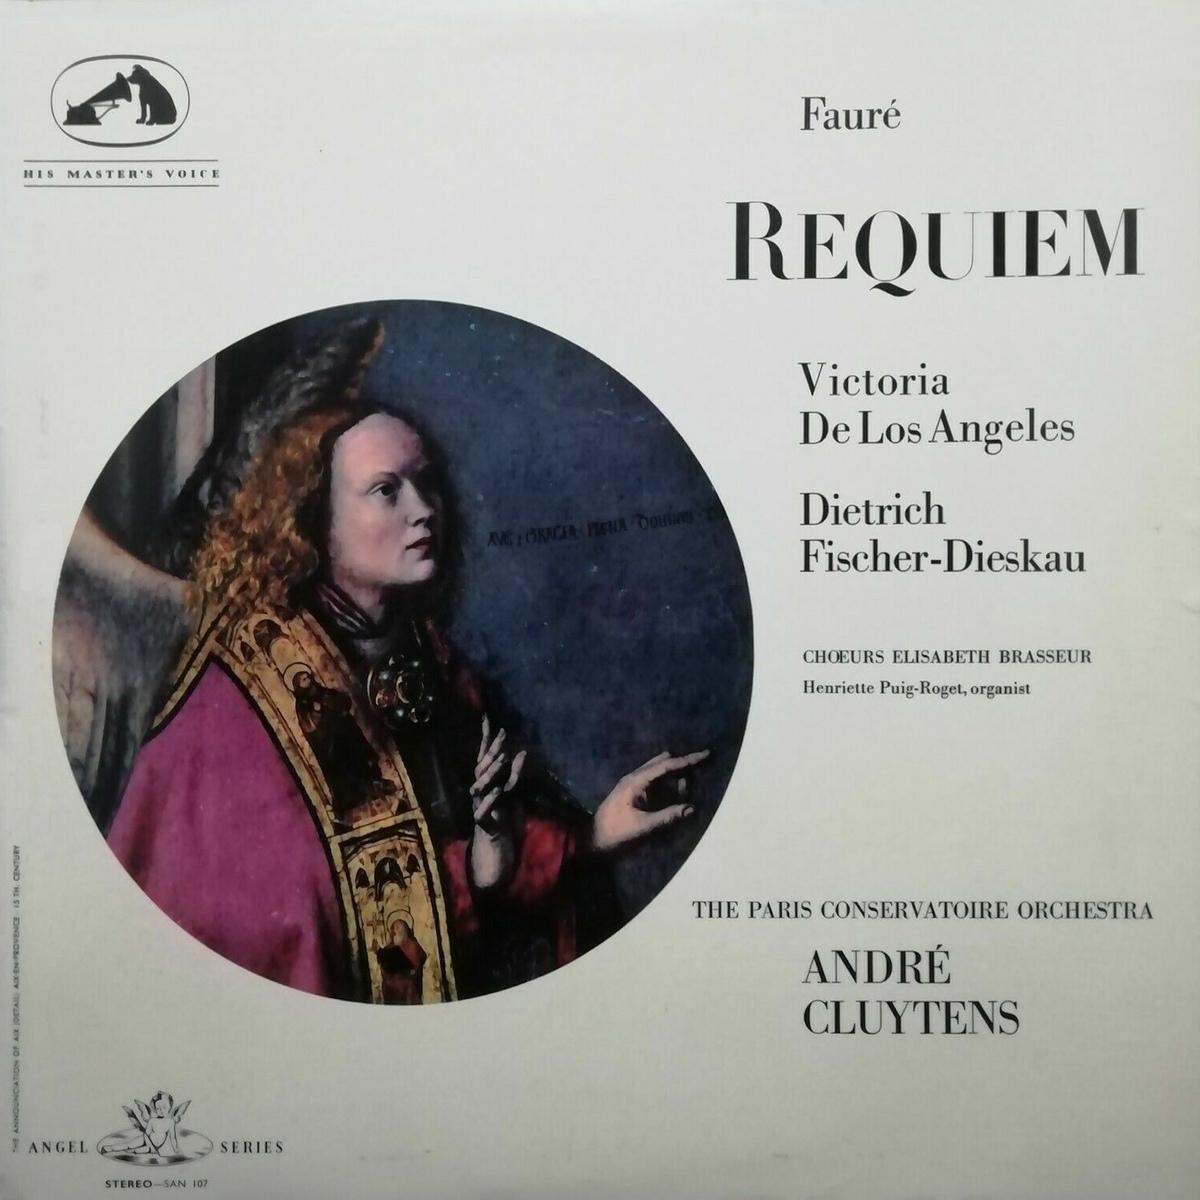 Recto de la pochette du disque Angel Stereo SAN 107